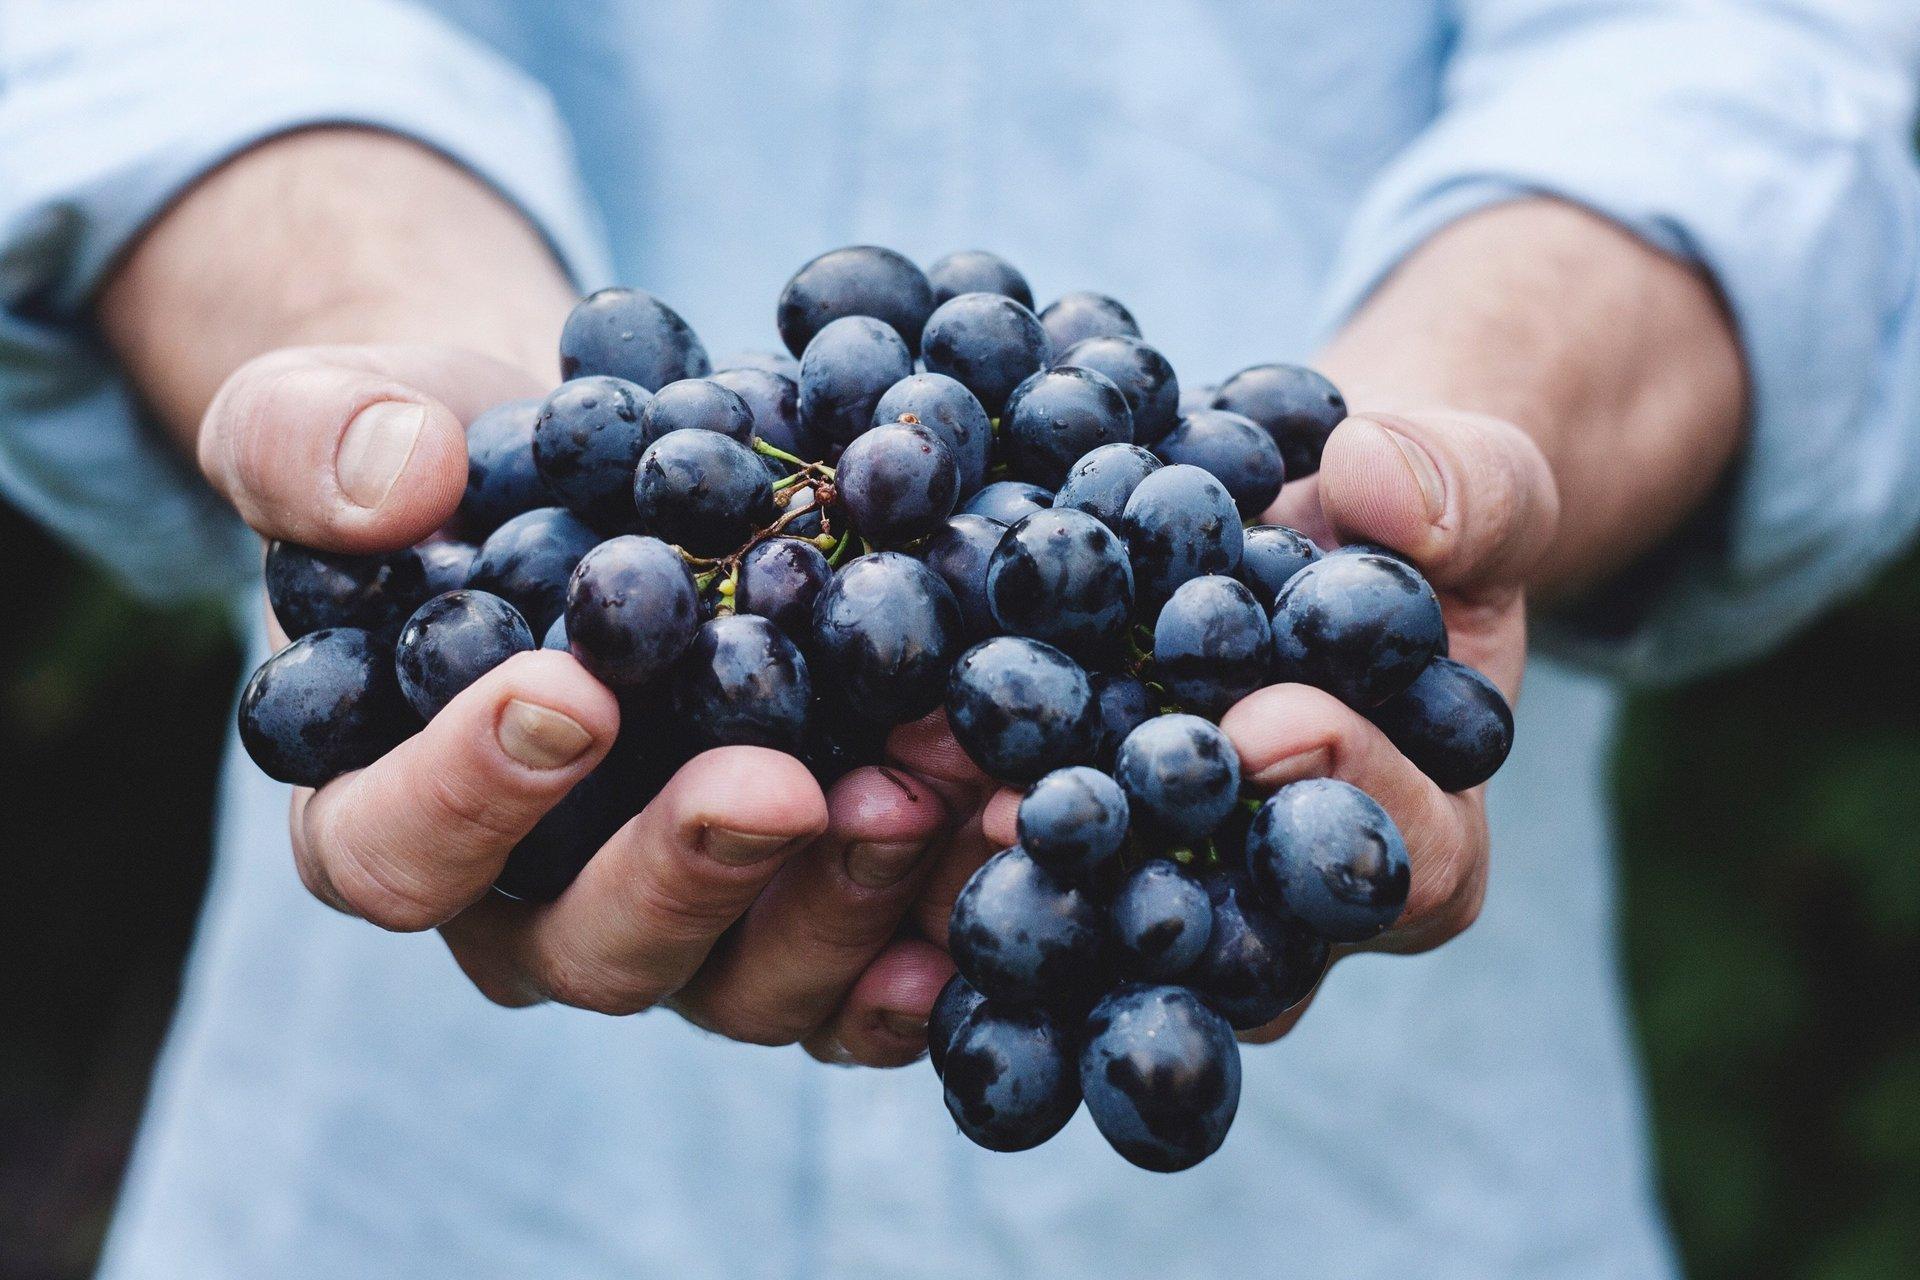 mani che reggono grappoli d'uva